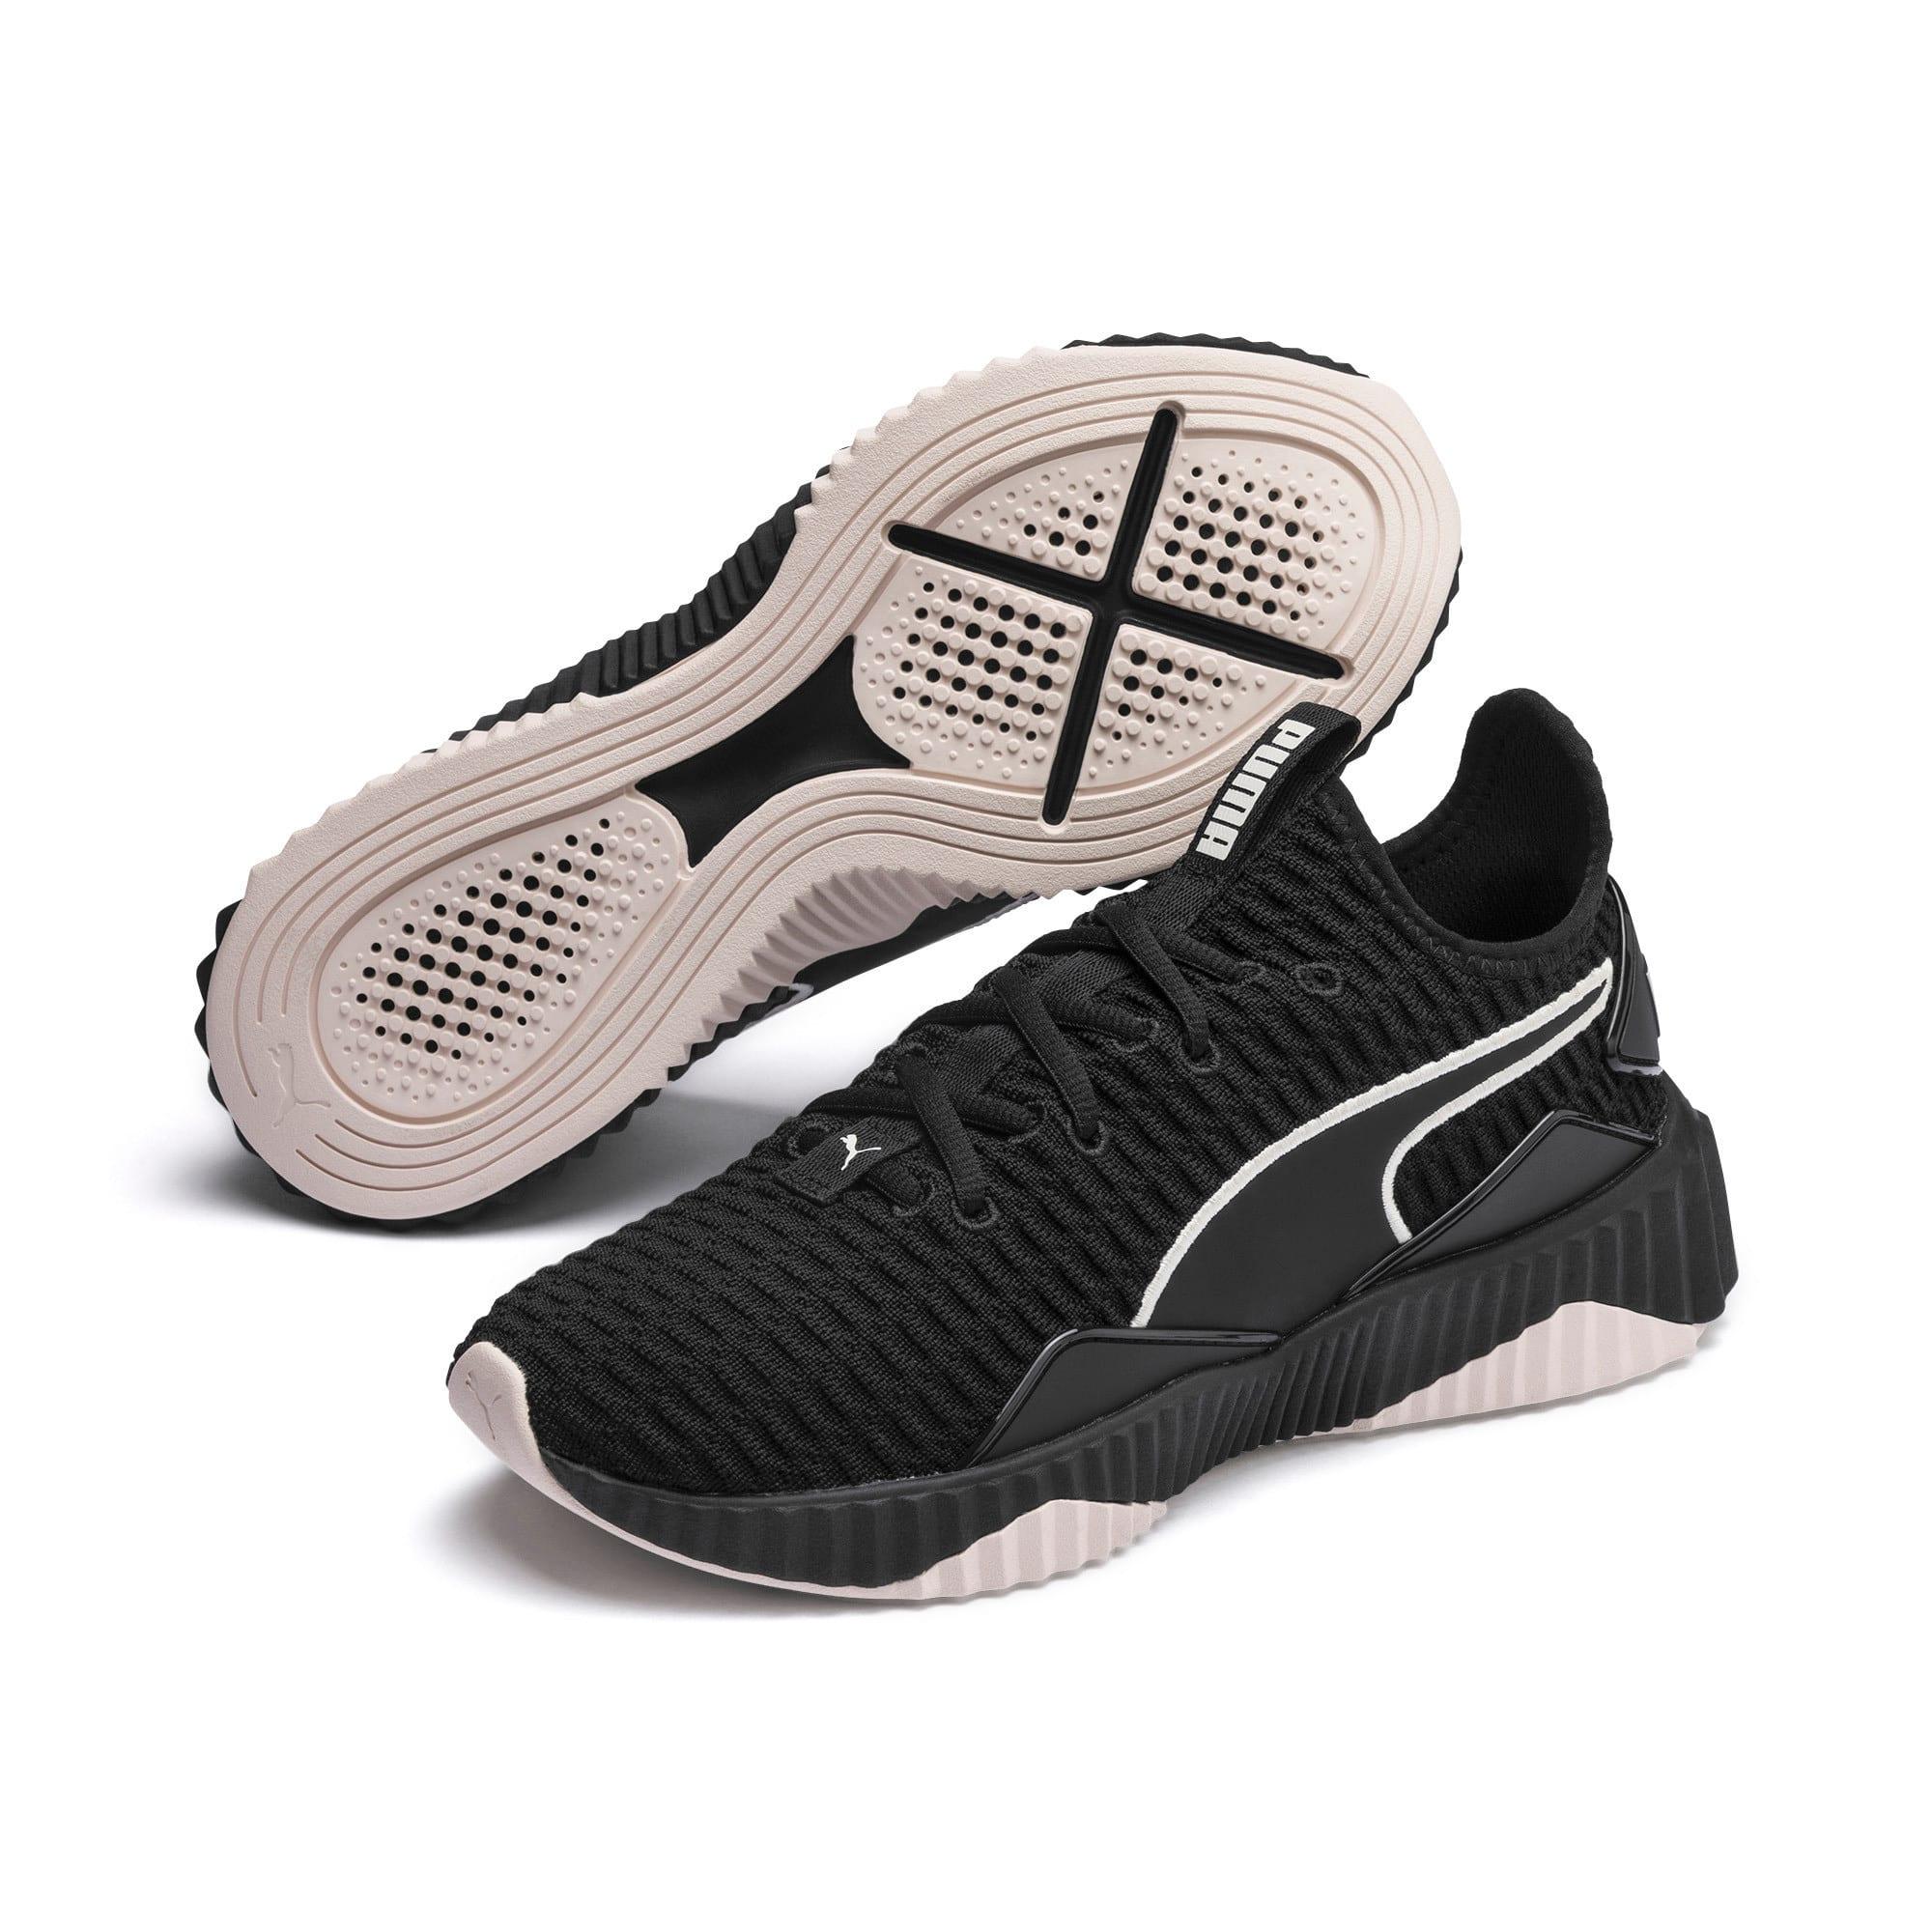 Thumbnail 3 of Defy Women's Training Shoes, Puma Black-Pastel Parchment, medium